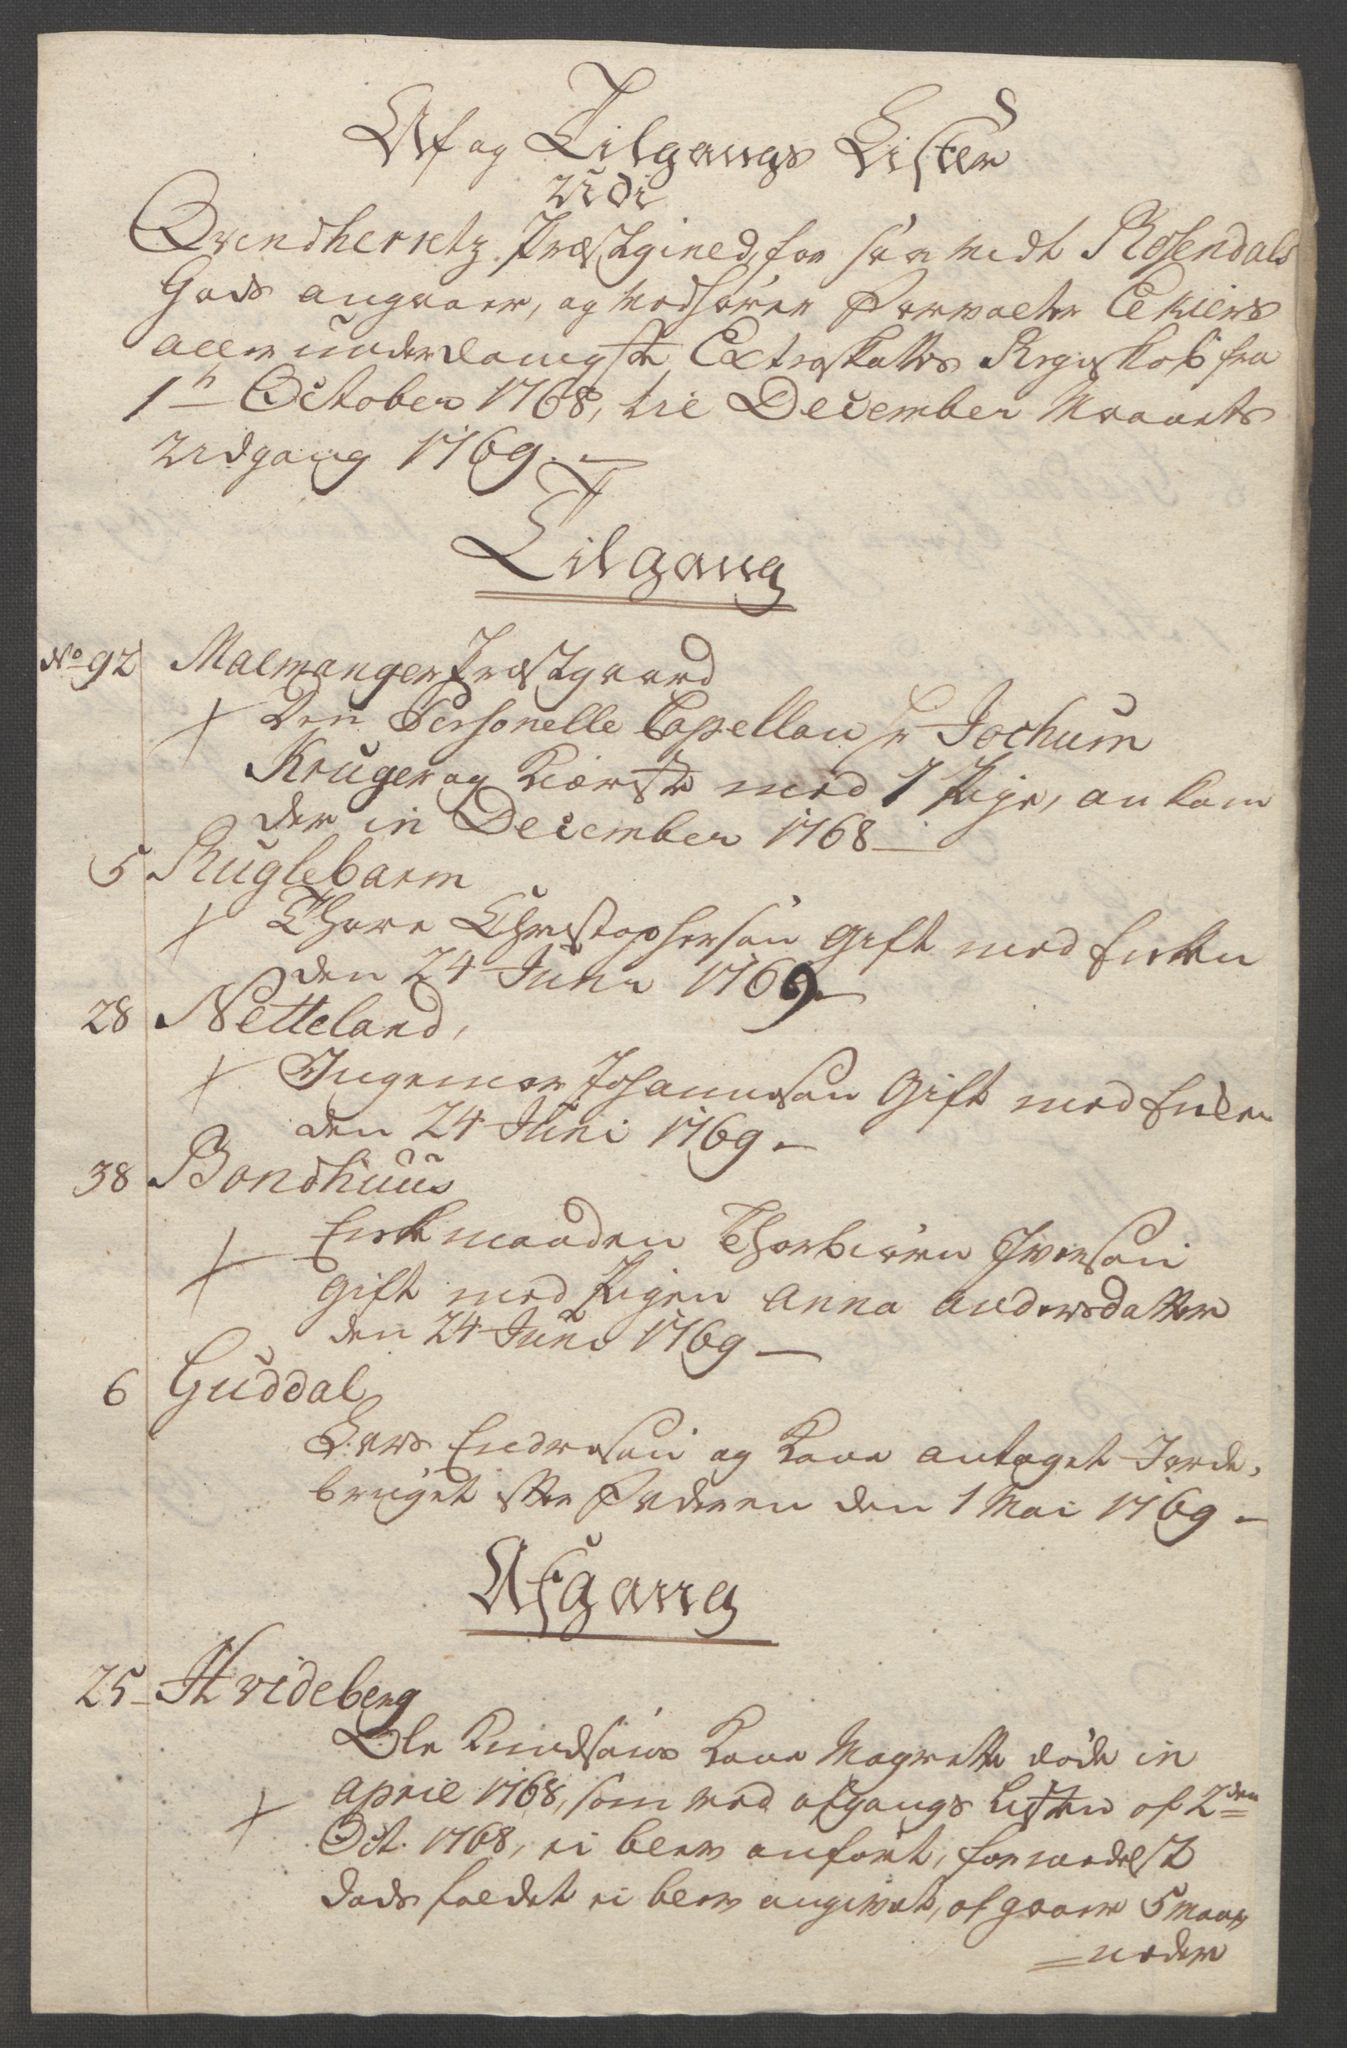 RA, Rentekammeret inntil 1814, Reviderte regnskaper, Fogderegnskap, R49/L3157: Ekstraskatten Rosendal Baroni, 1762-1772, s. 257